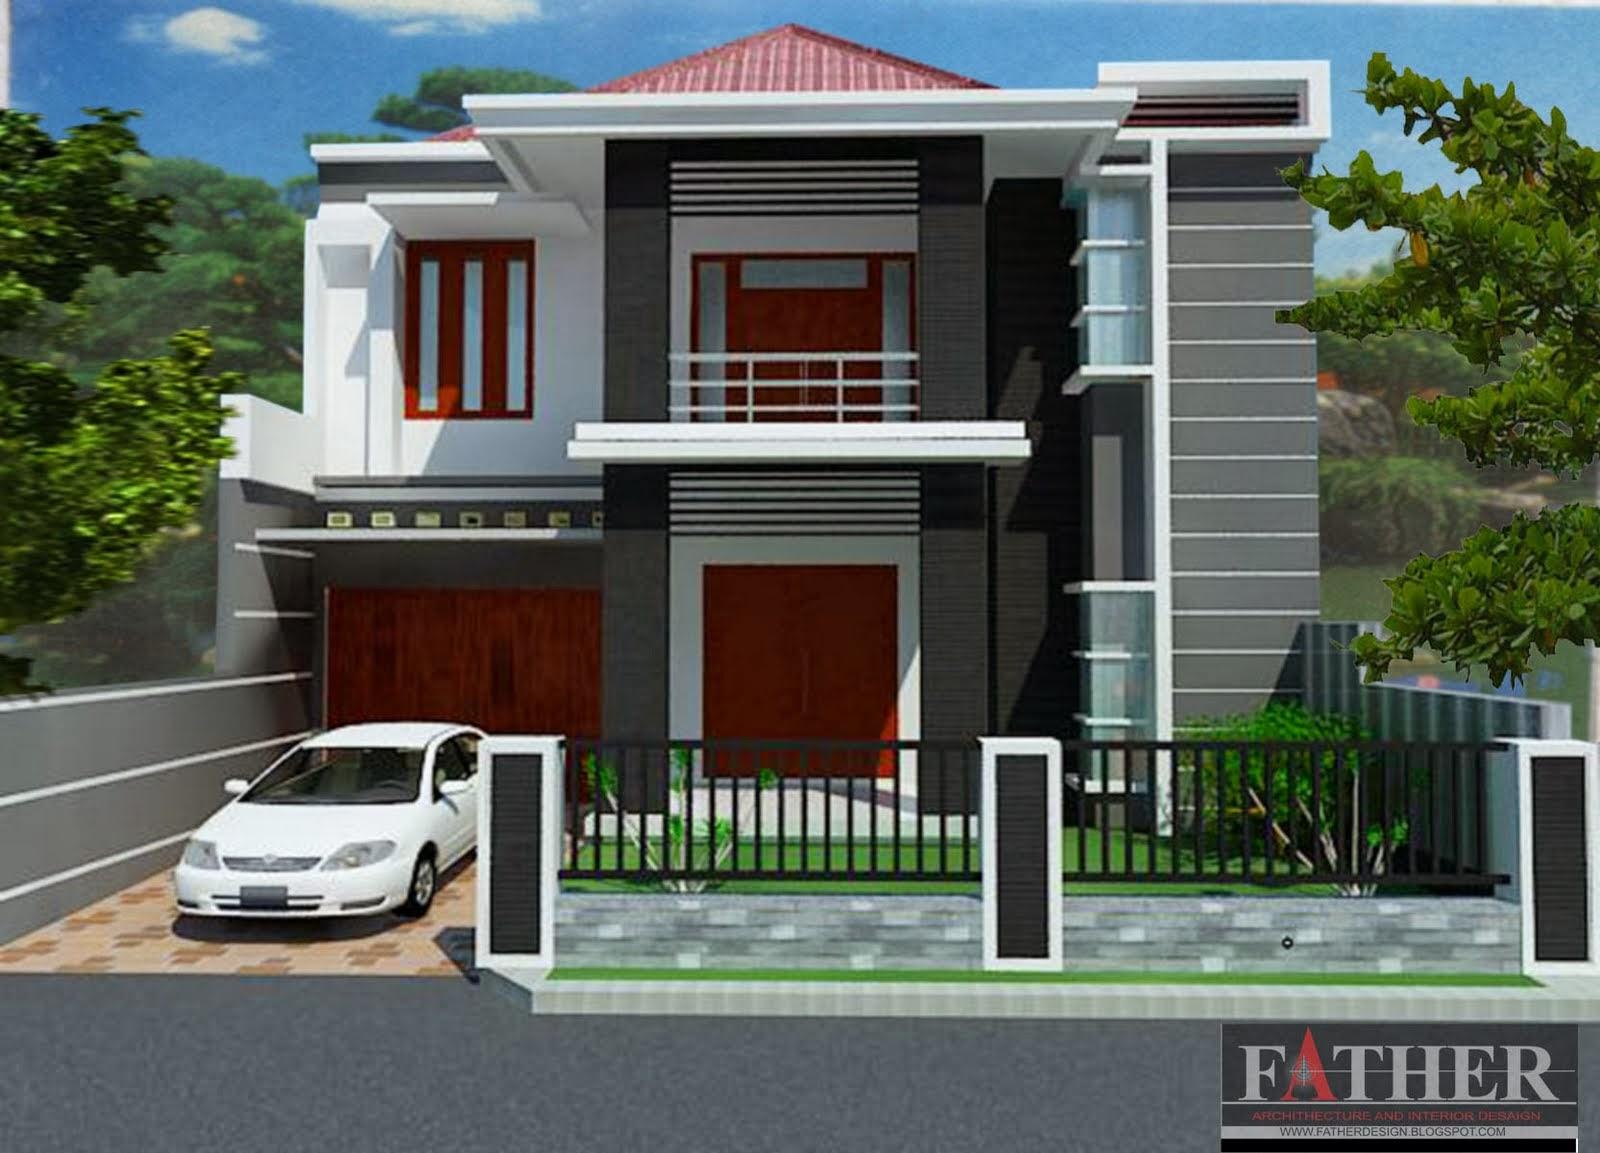 69 Desain Rumah Minimalis Garasi Dibawah Desain Rumah Minimalis